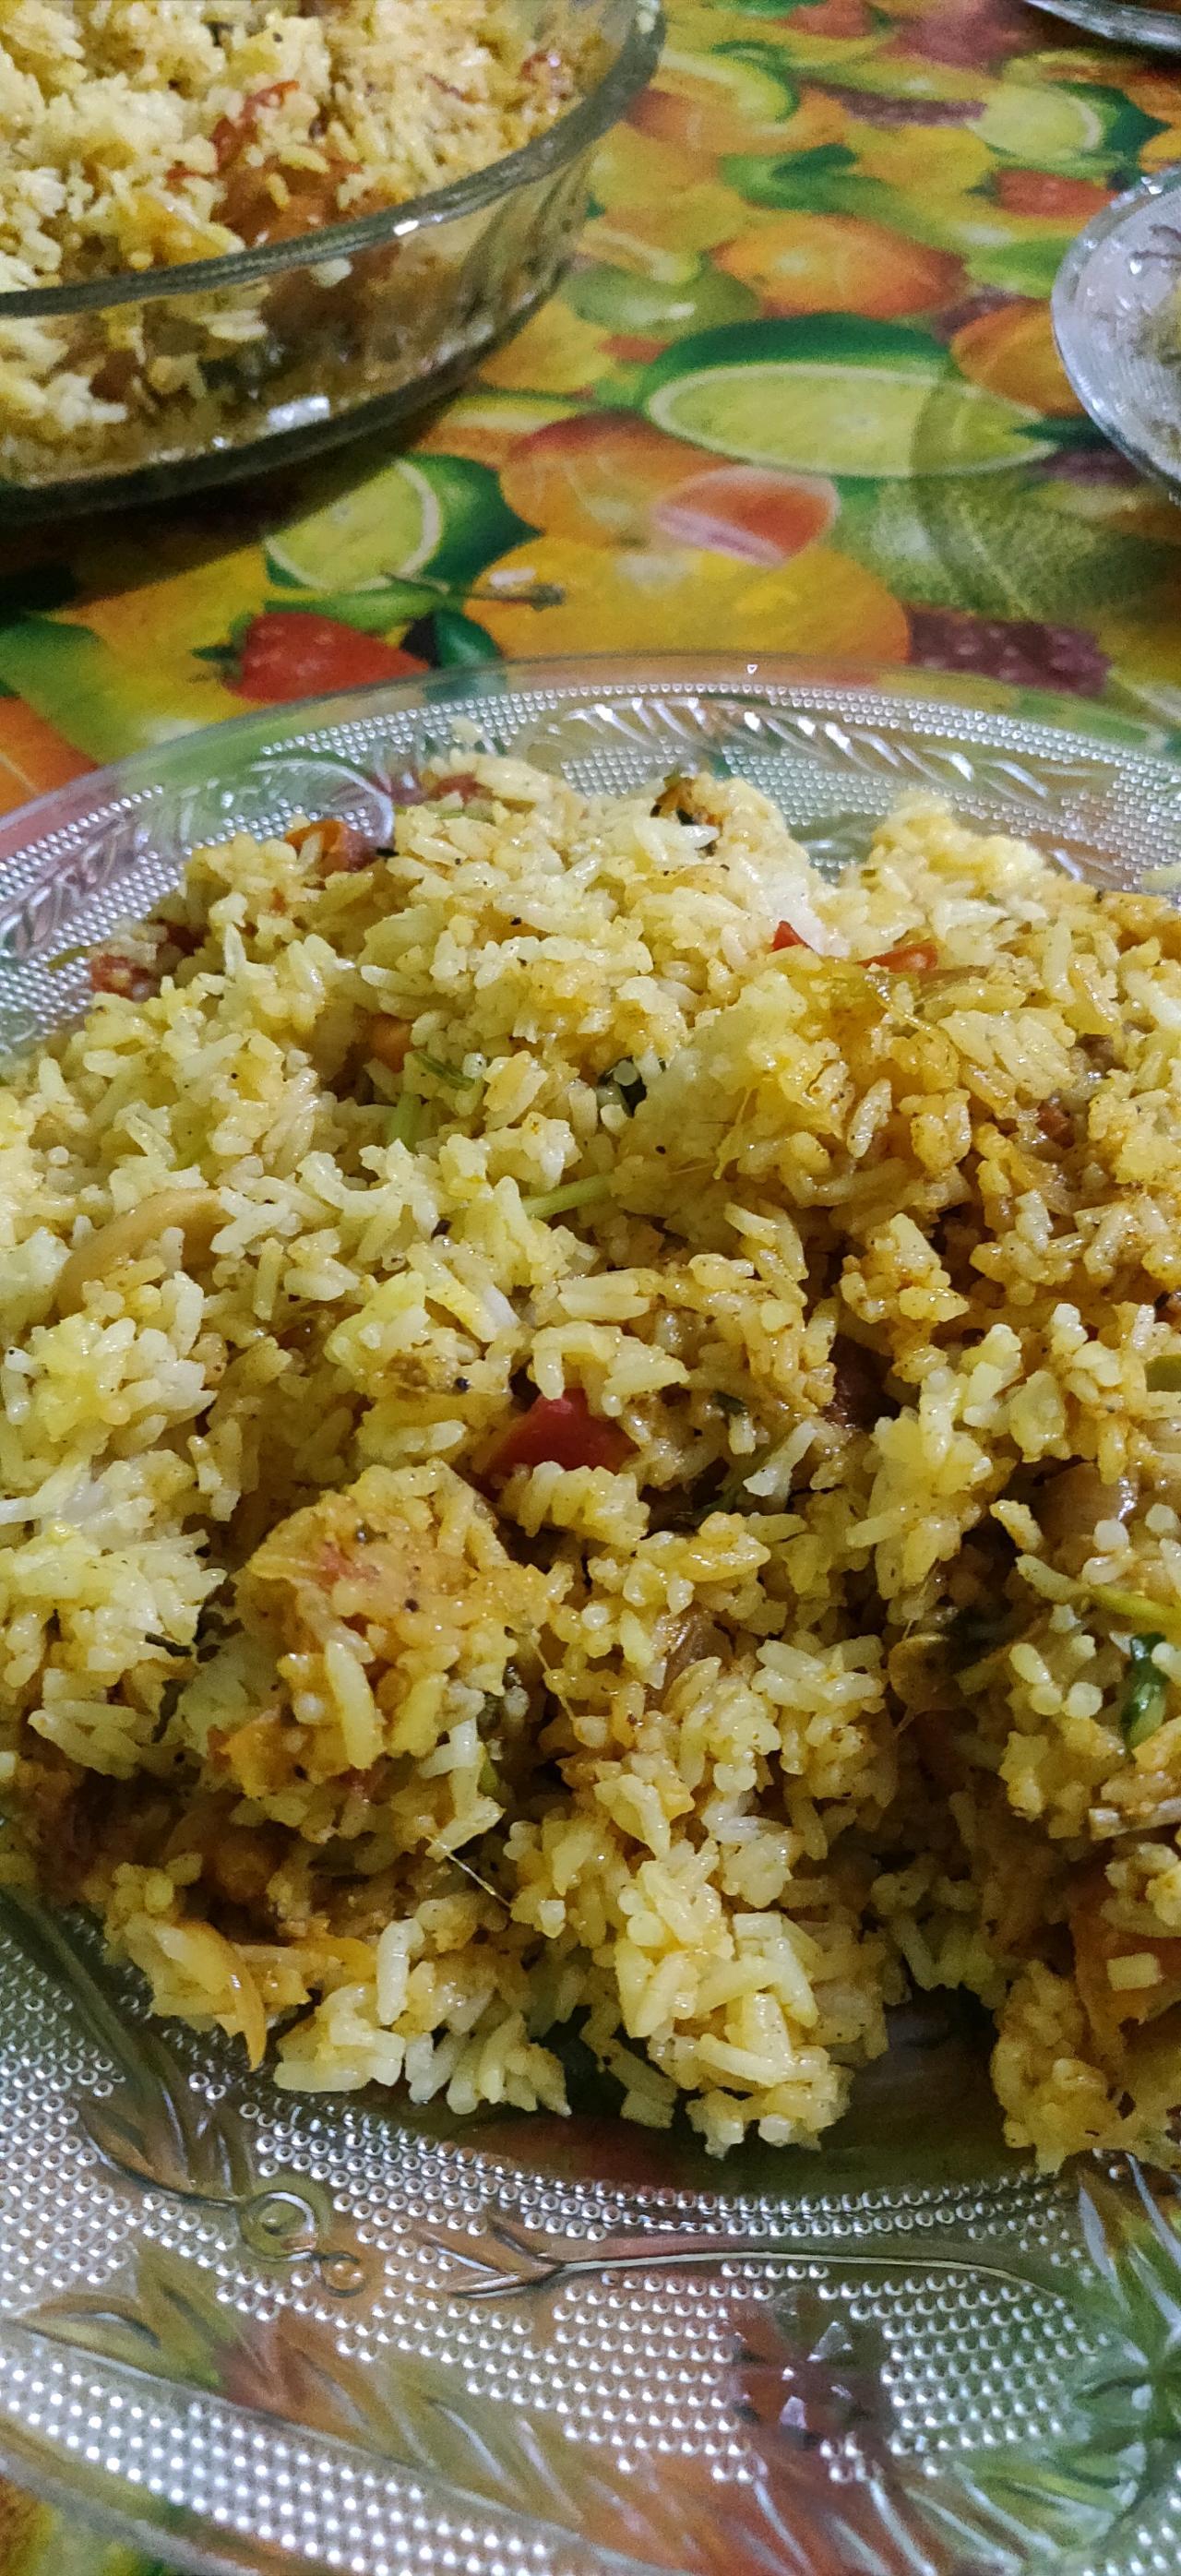 #malabar chicken biriyani❤️ #homemade